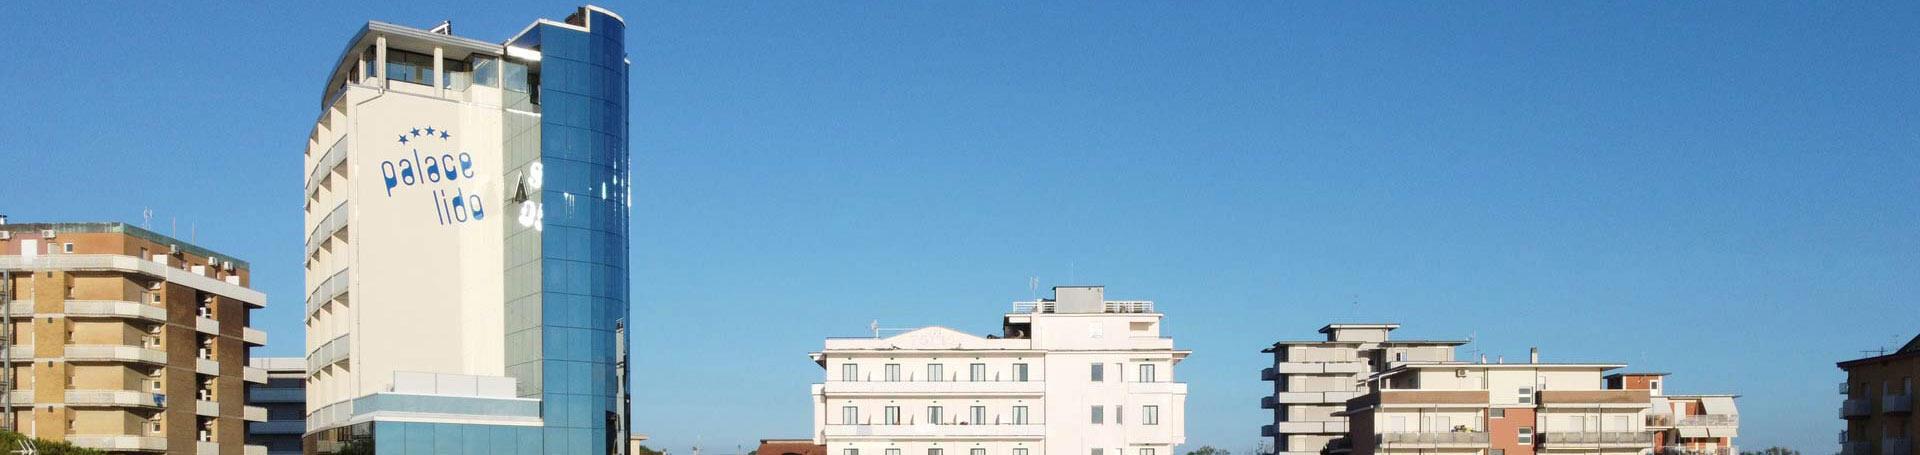 palacelidohotel fr hotel-lido-di-savio 011